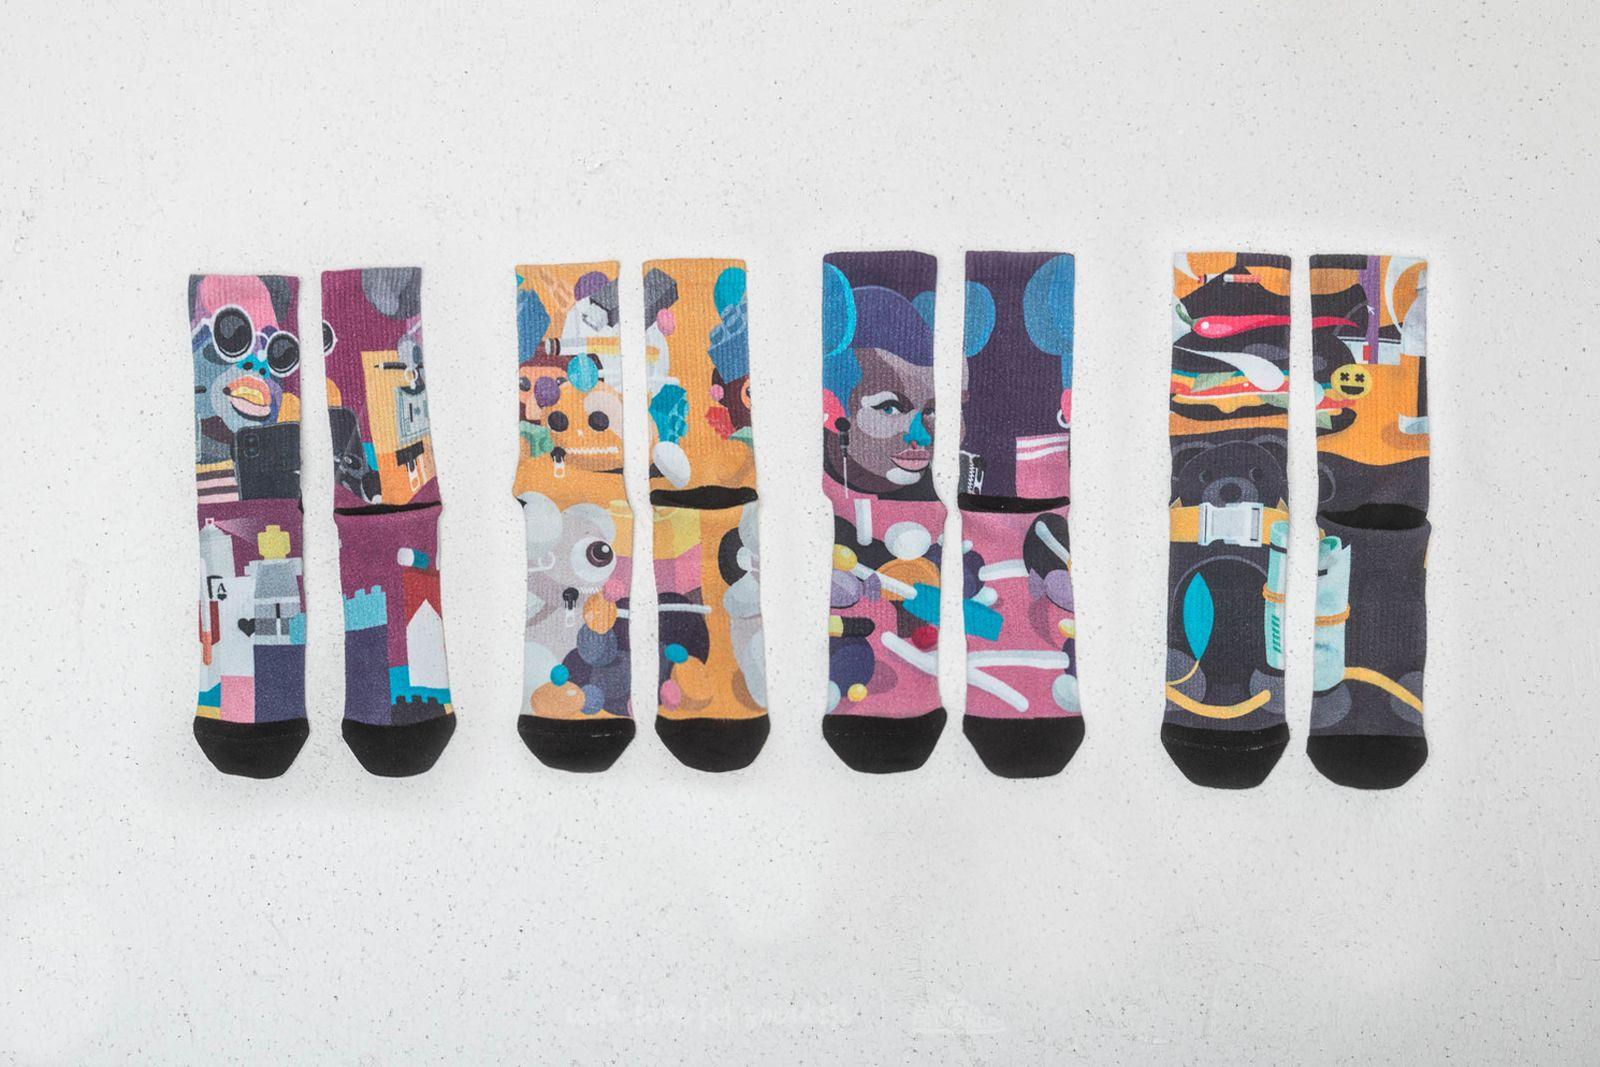 Moon Socks x Marek Mraz Deluxe Pack Socks za skvělou cenu 849 Kč koupíte na Footshop.cz